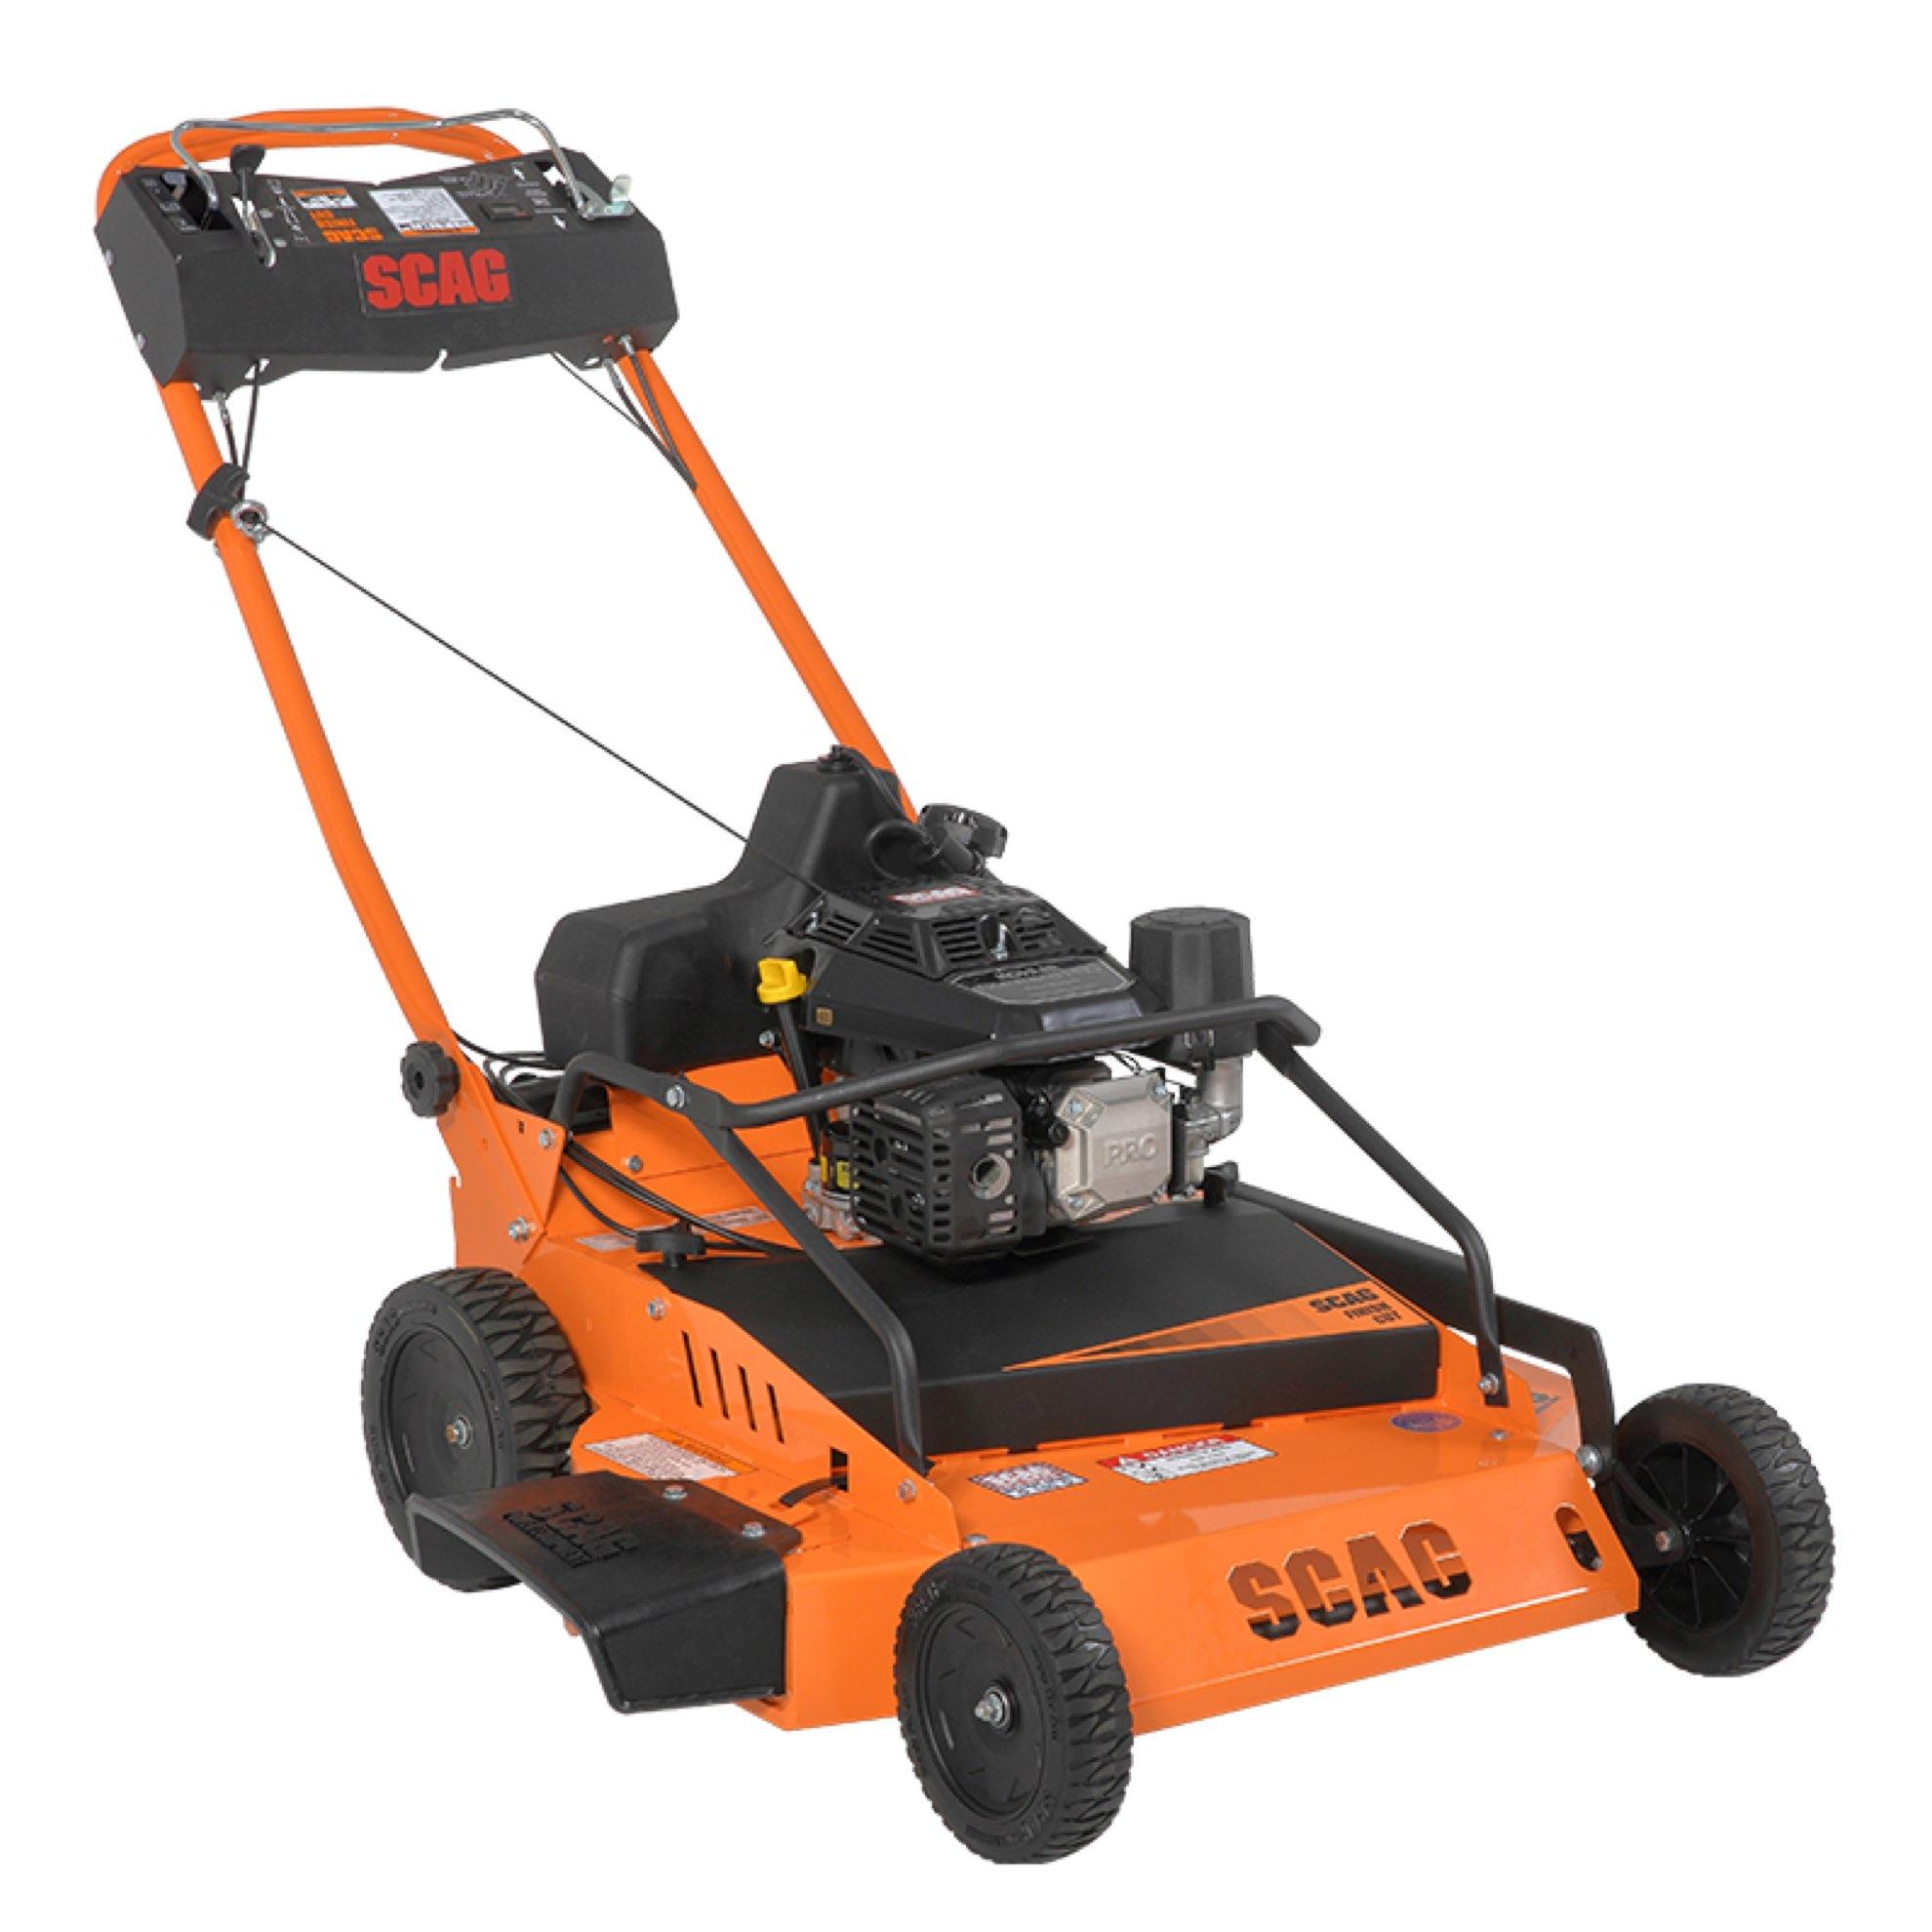 Scag SFC30 Finish Cut Walk-Behind Mower